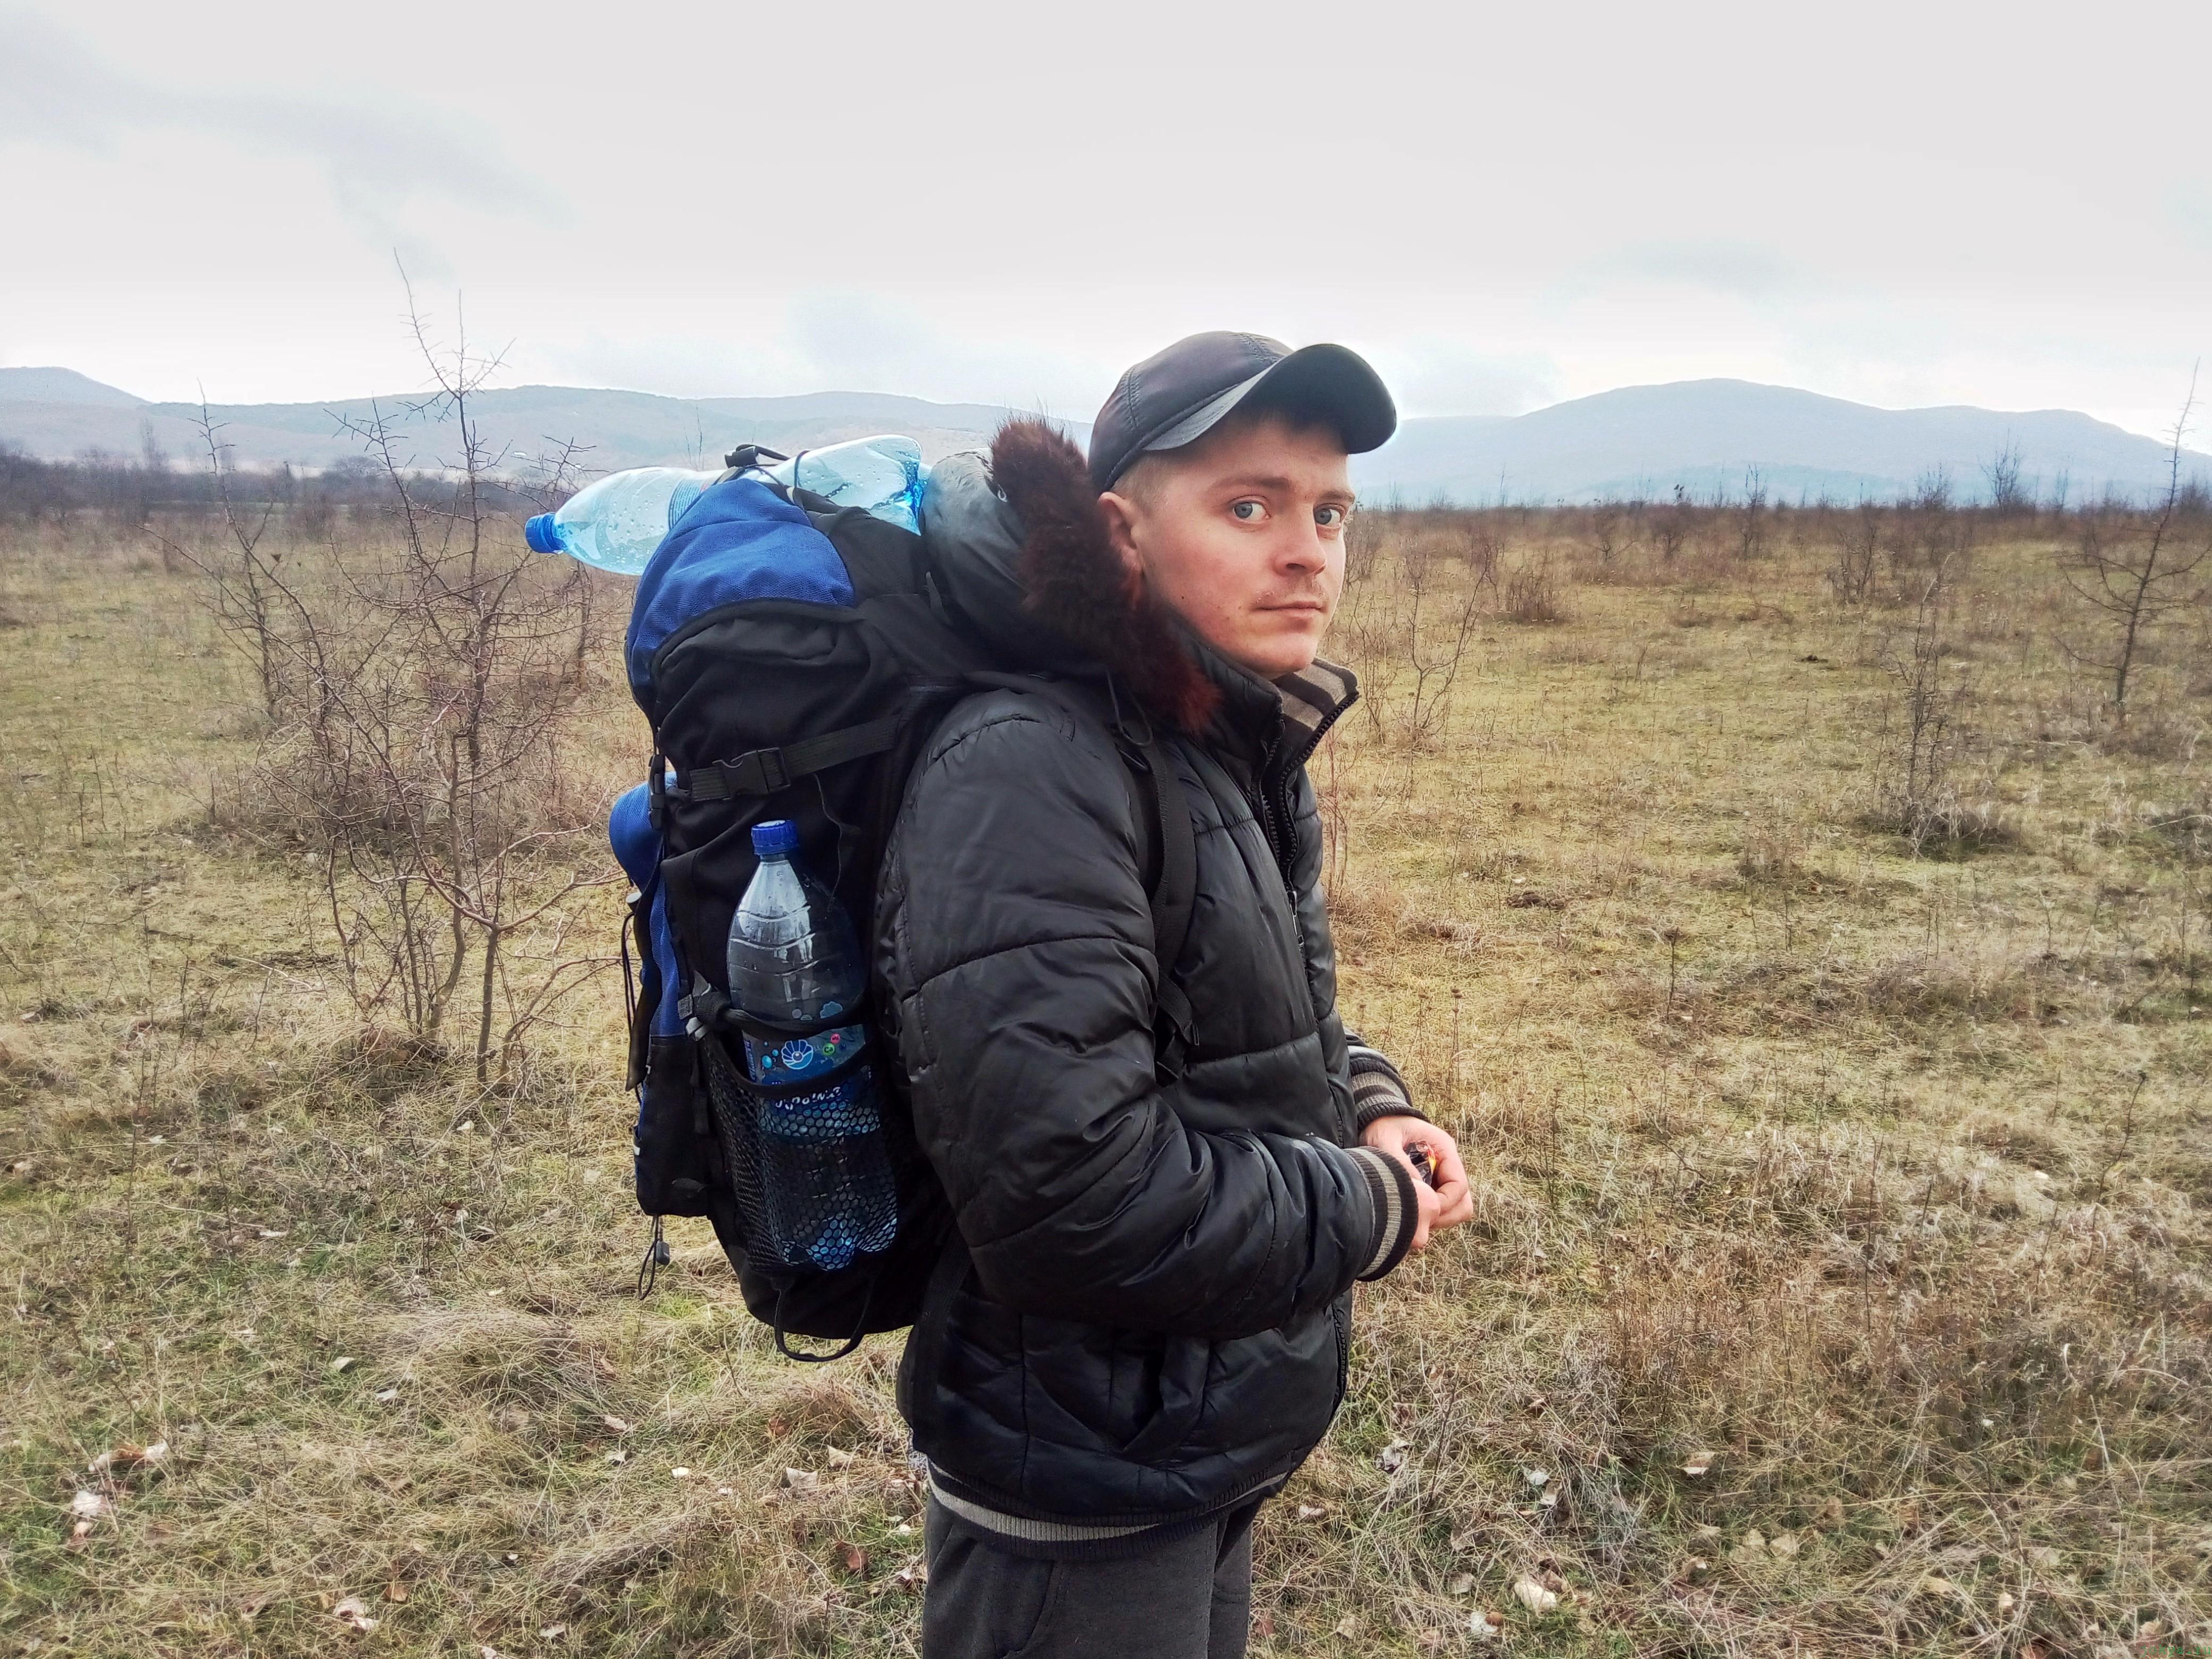 Туристический поход 25 км за 10 часов фото заметка из моей реальности в Крыму jokya.ru